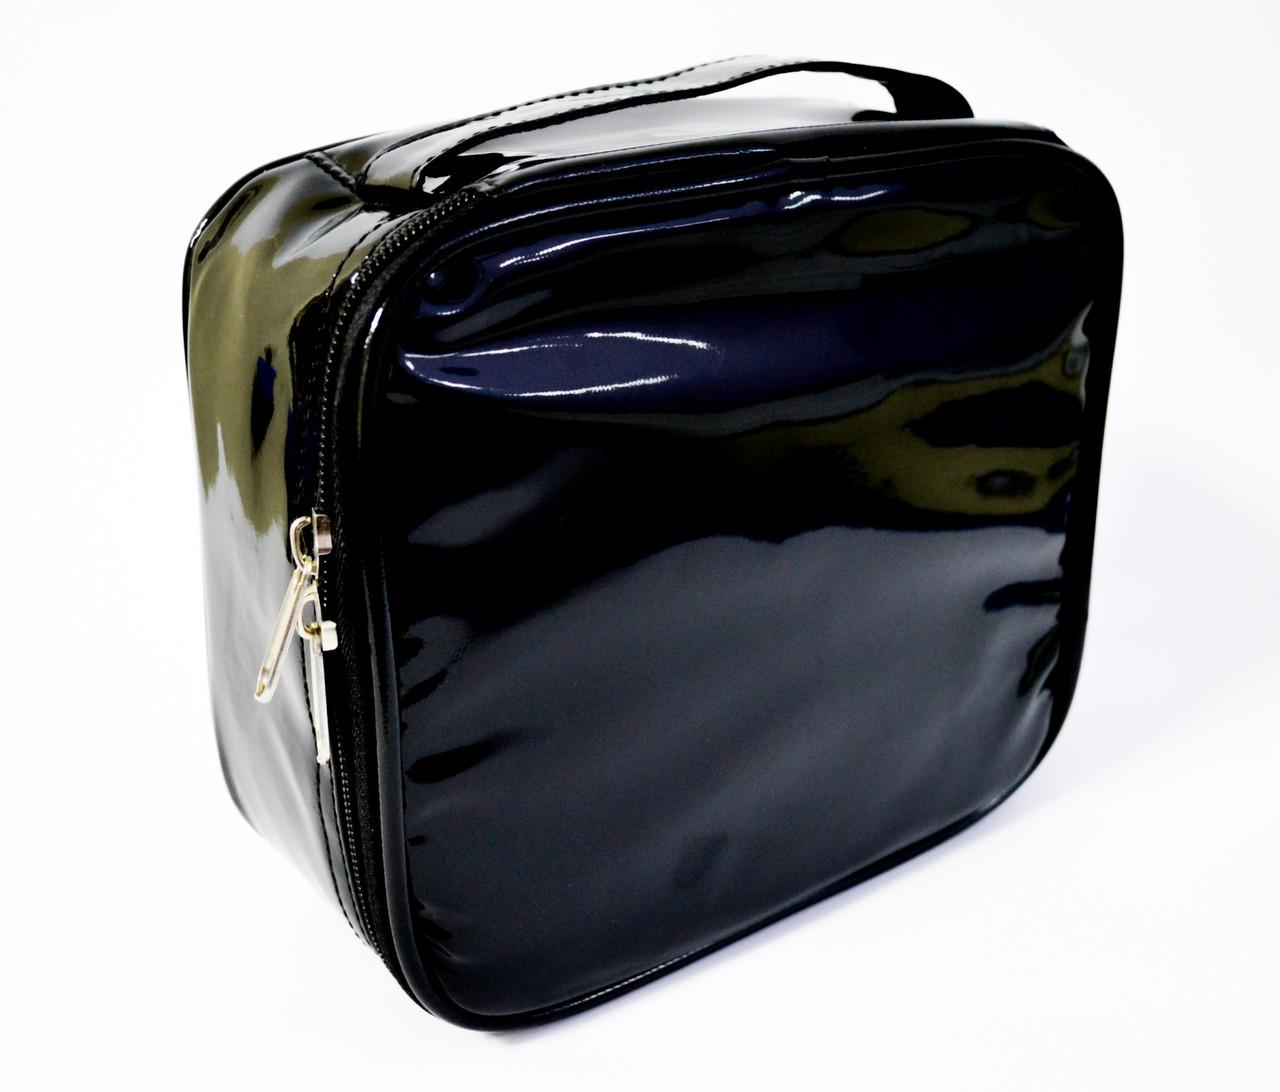 Сумка Cosmetic Bag для миникомпрессора и аэрографа